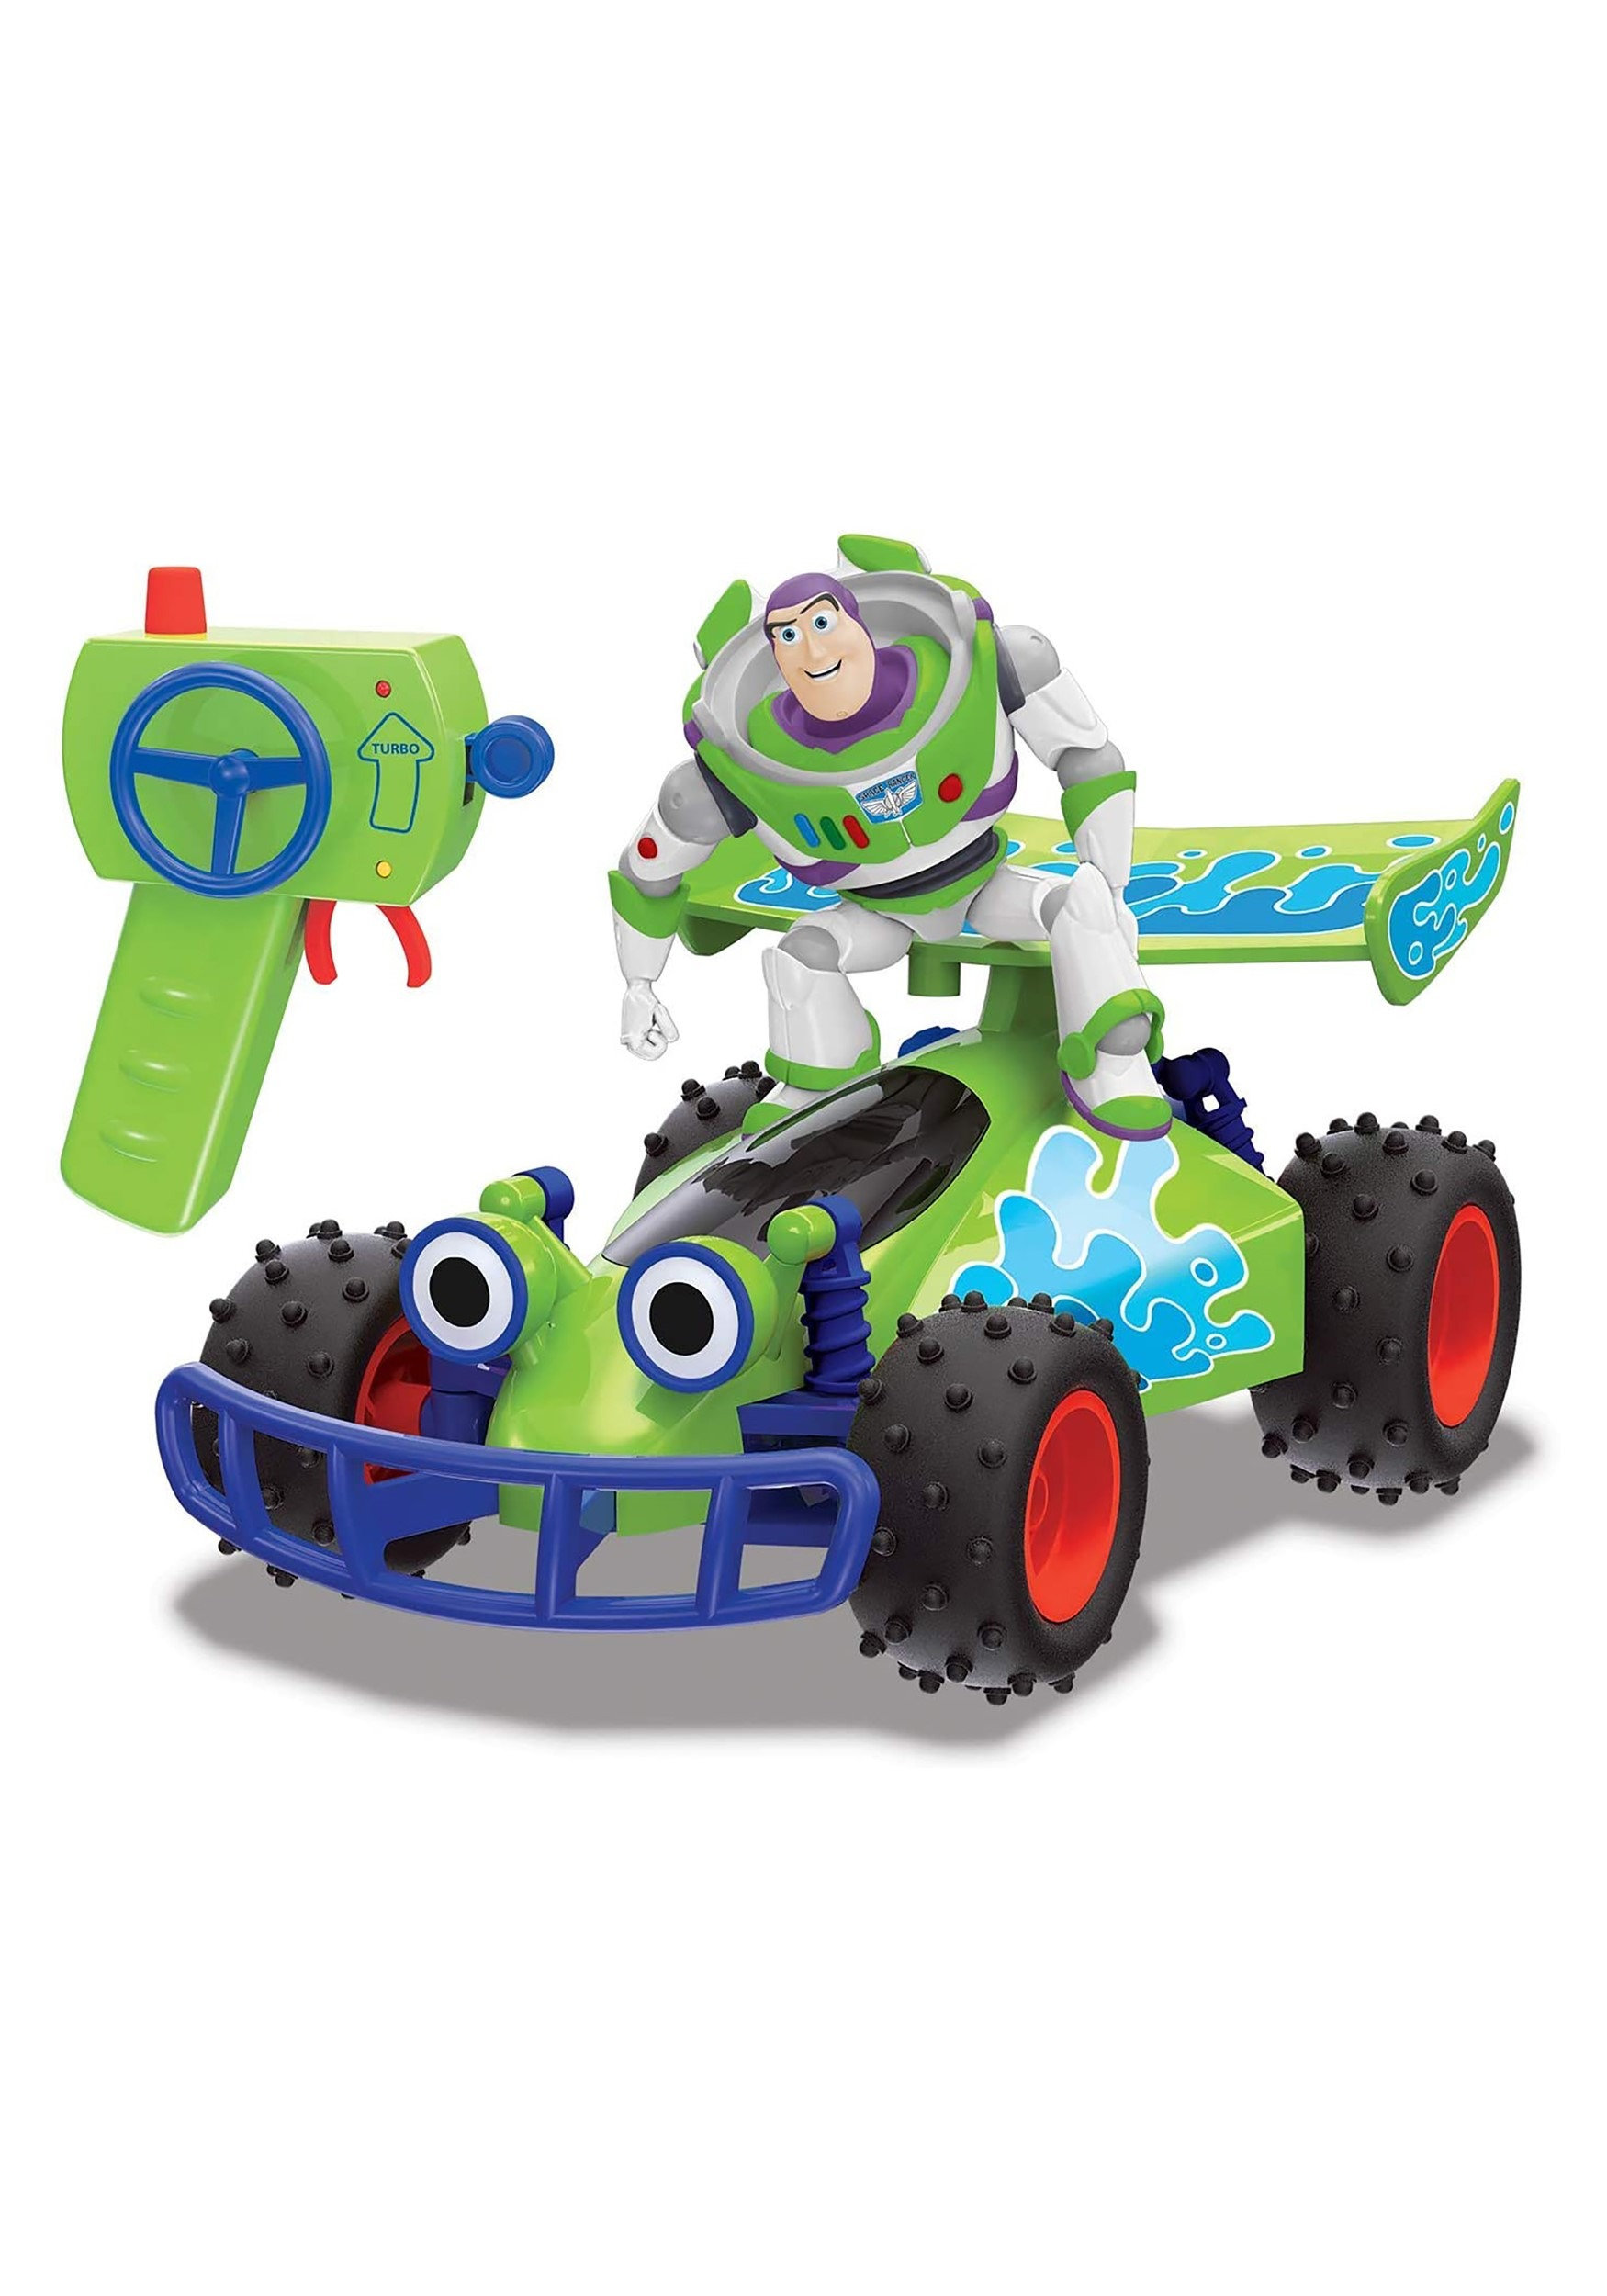 Buzz Lightyear R/C Turbo Buggy